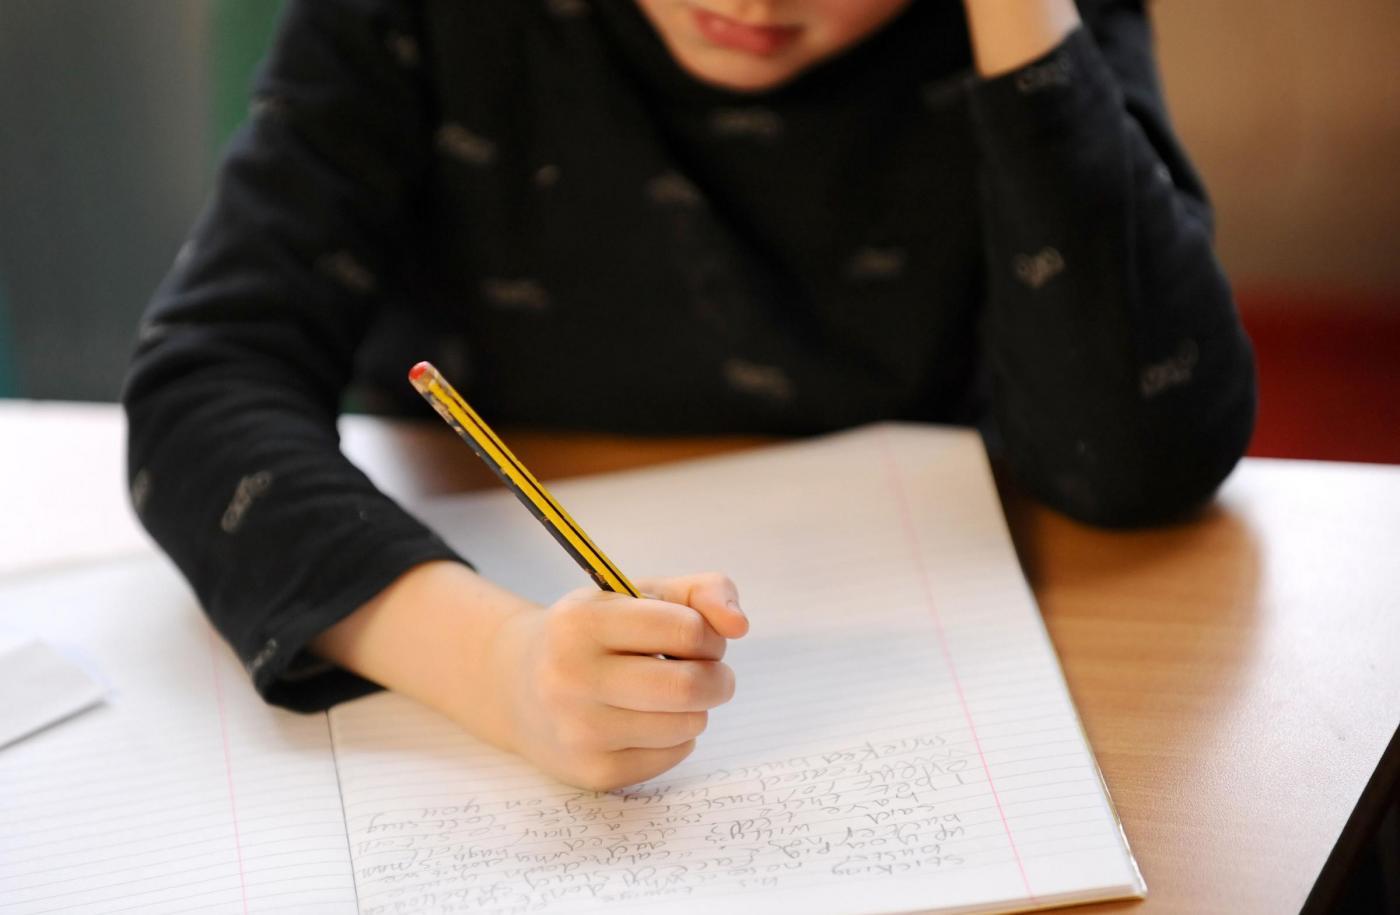 Modello 730, detrazioni spese scolastiche e universitarie: guida per il contribuente